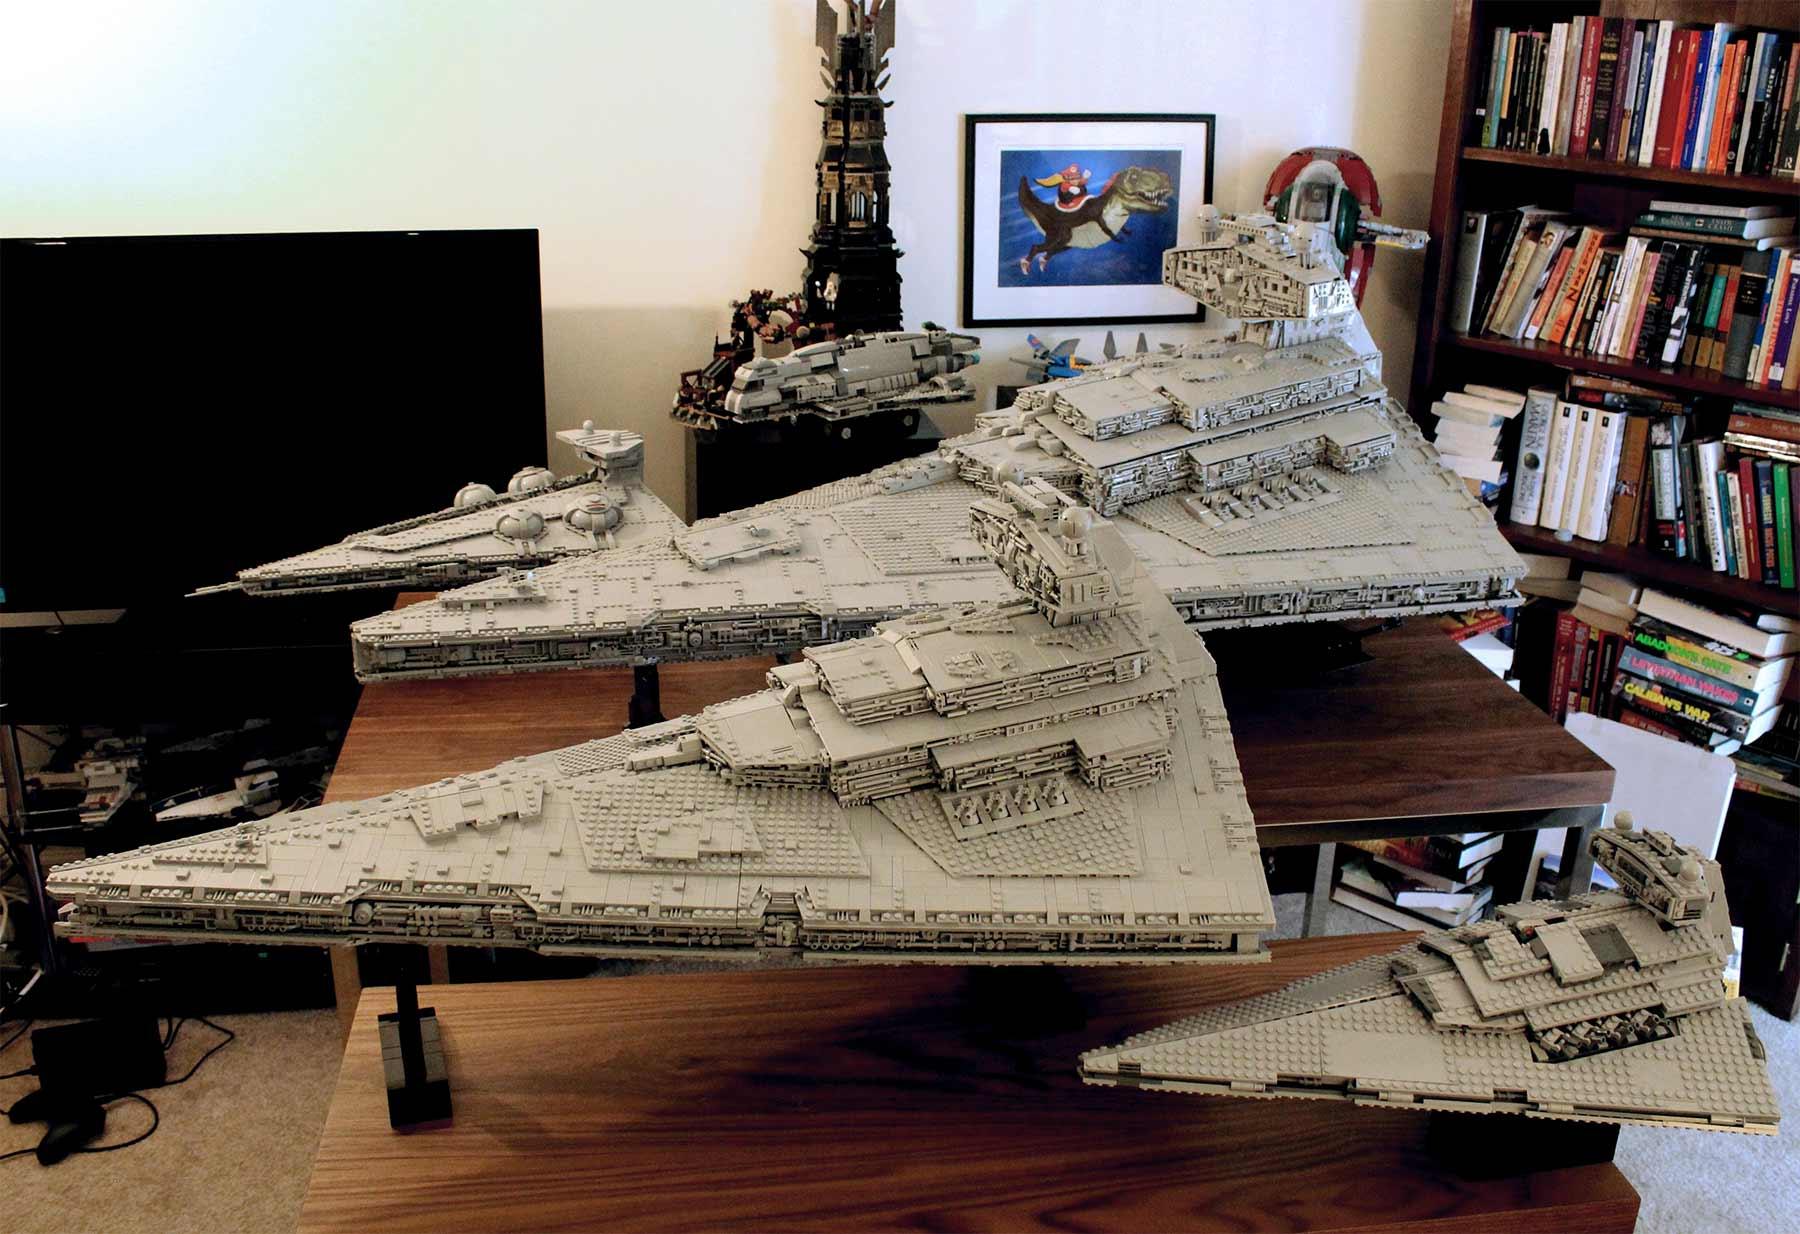 Gigantischer Sternzerstörer aus LEGO lego-sternzerstoerer-star-wars-riesig_10